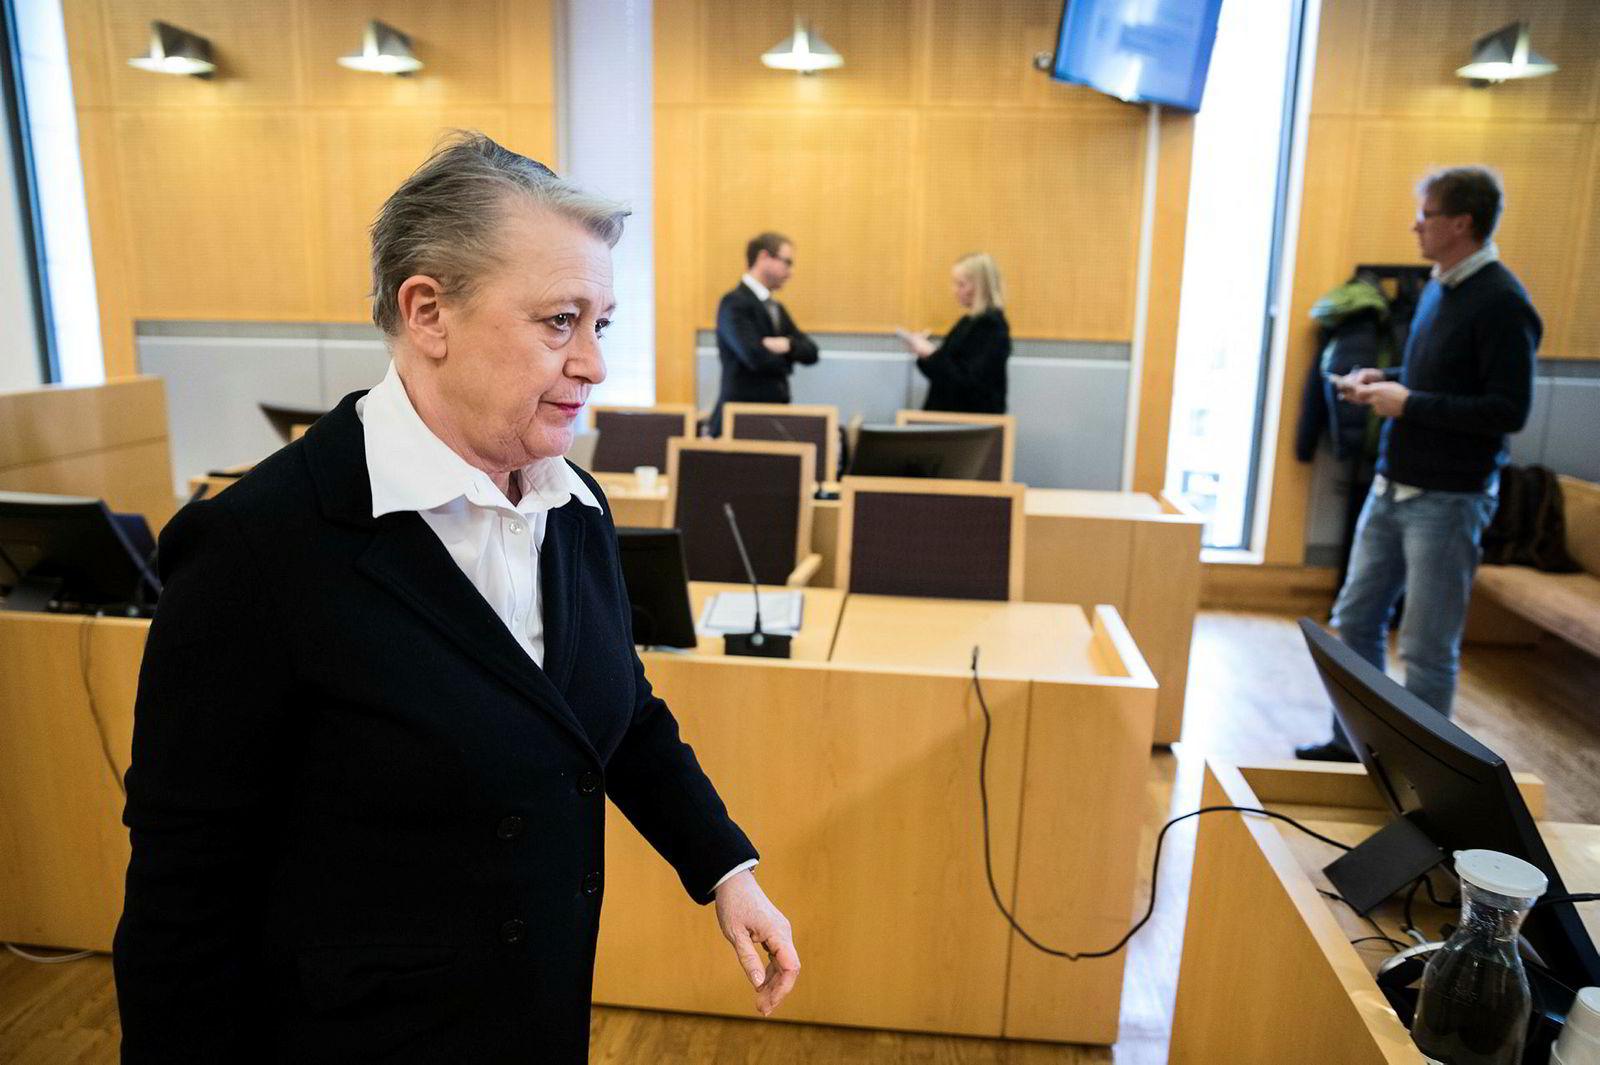 Advokat Berit Reiss-Andersen representerer den tidligere regnskapssjefen i Gartnerhallen som har innrømmet underslag av 49 millioner kroner.